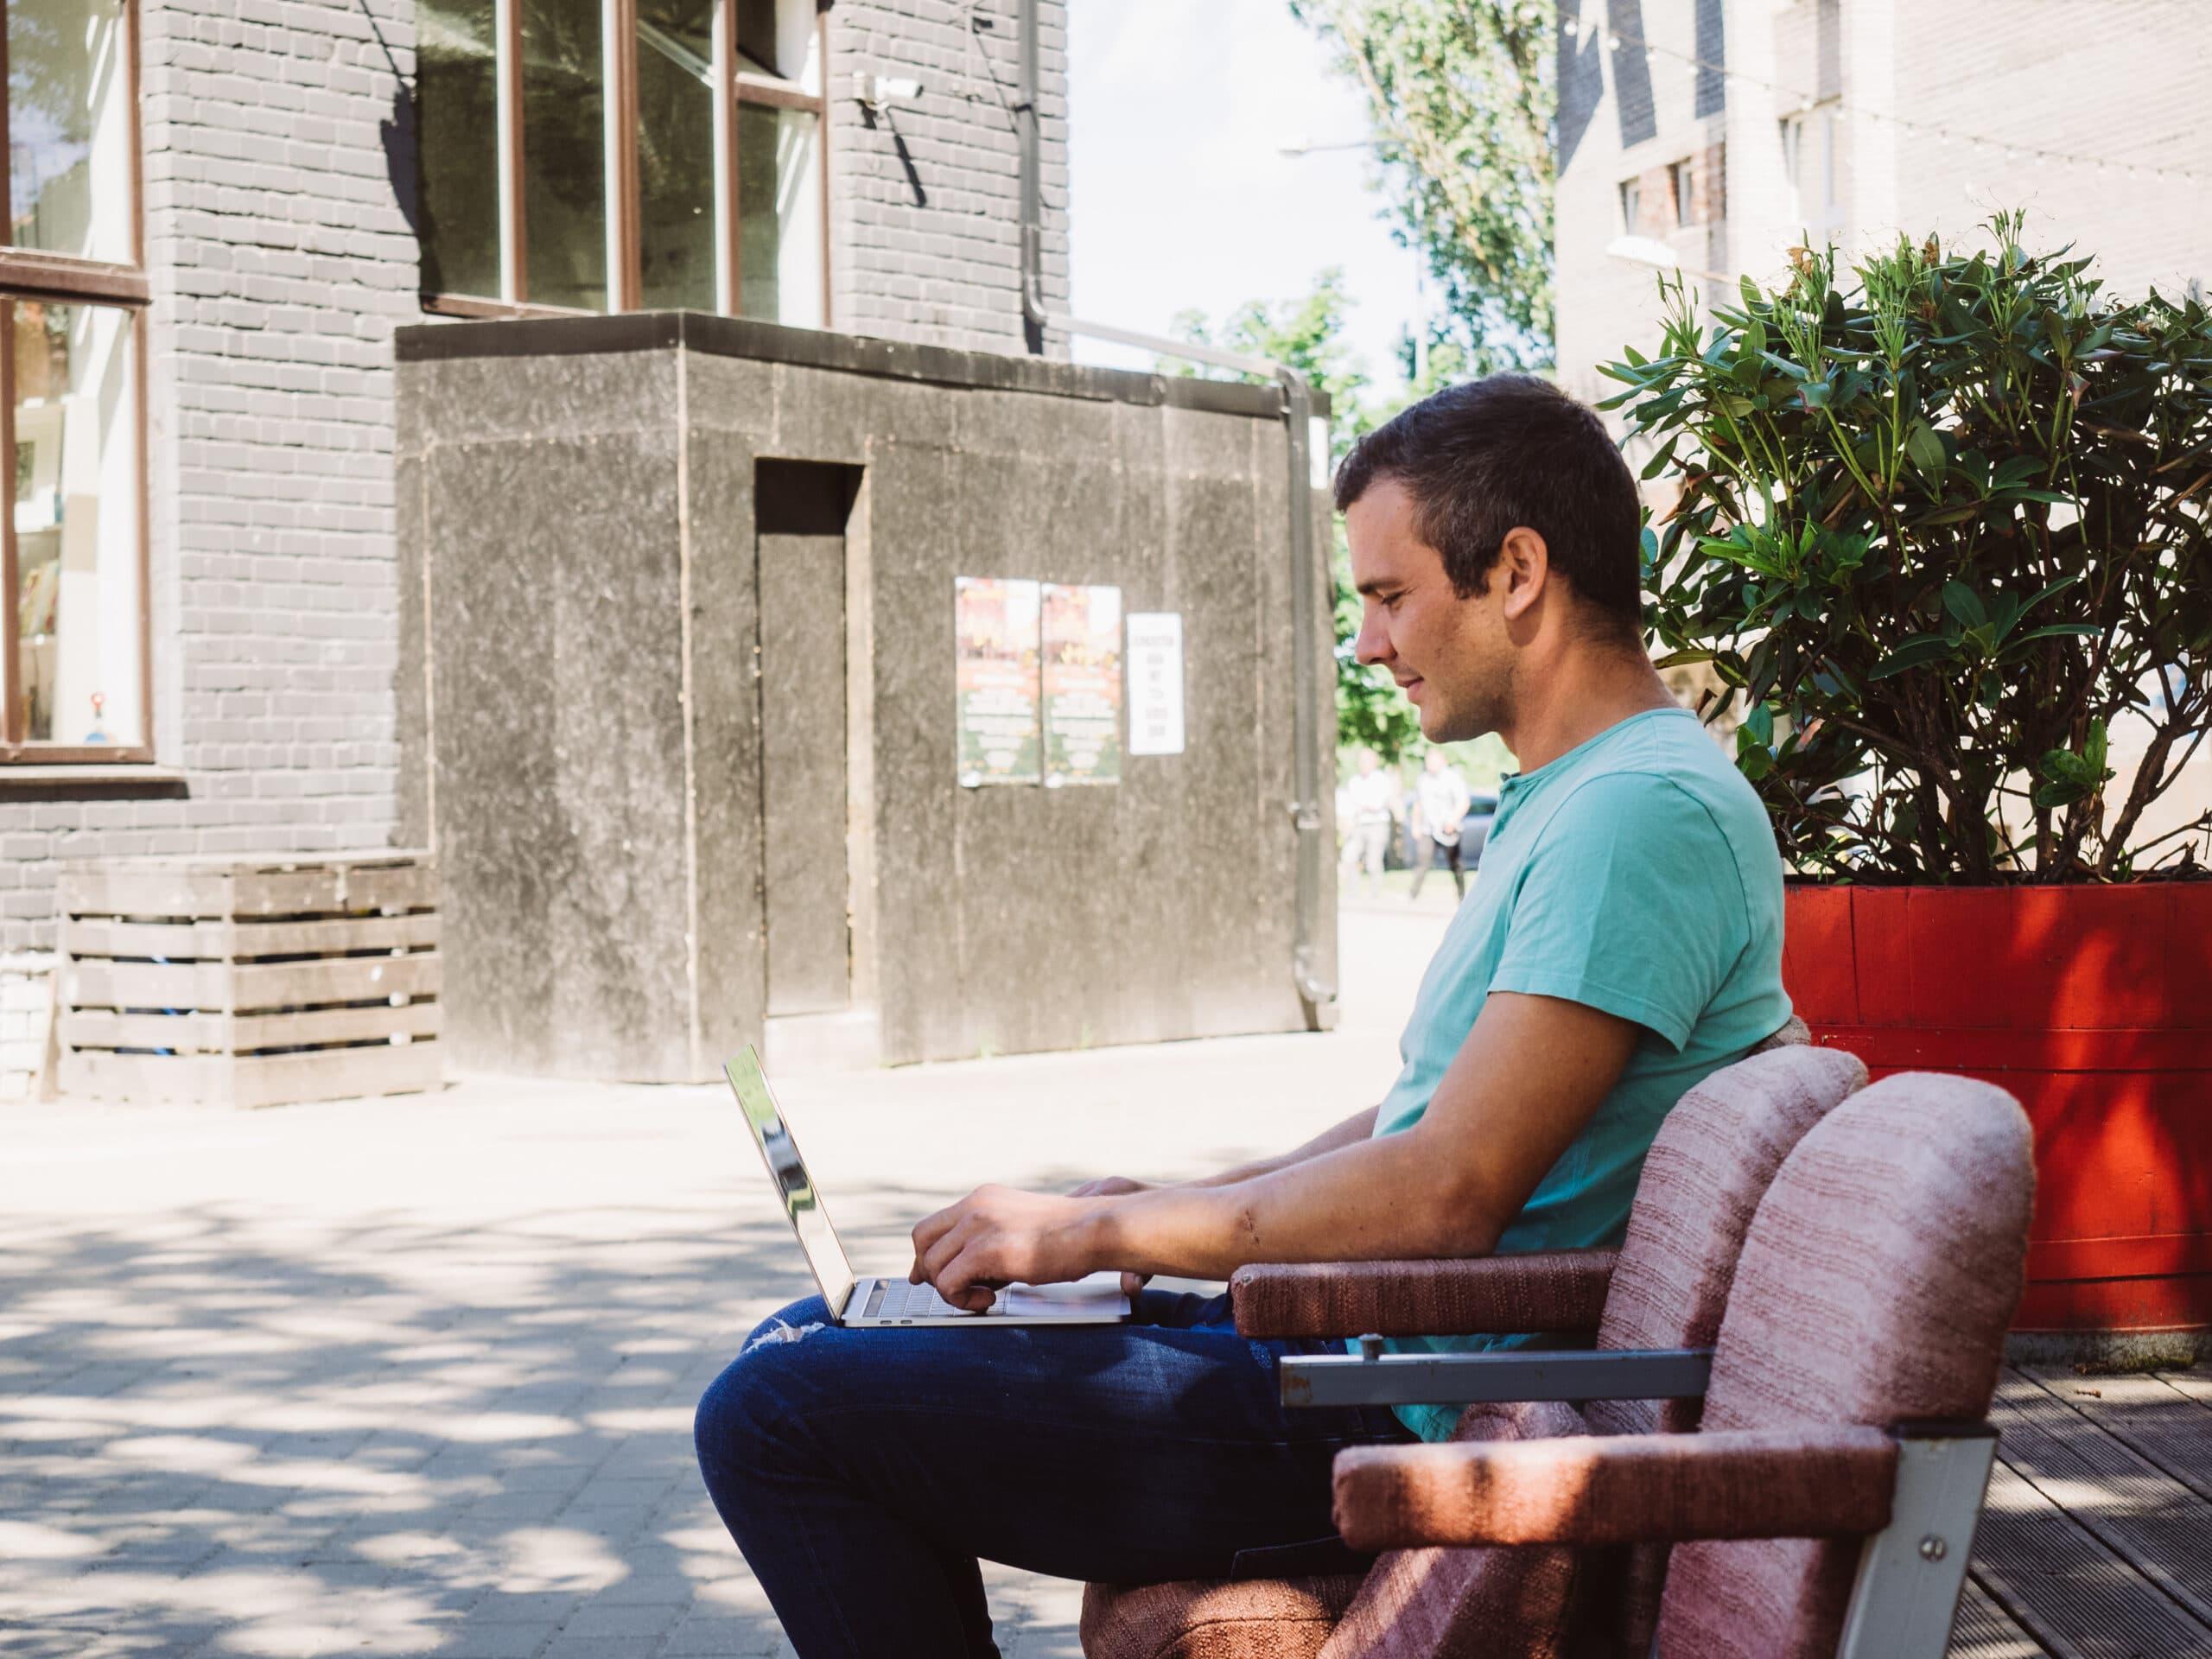 Gastartikel von Sebastian Kühn über sein Wireless Life